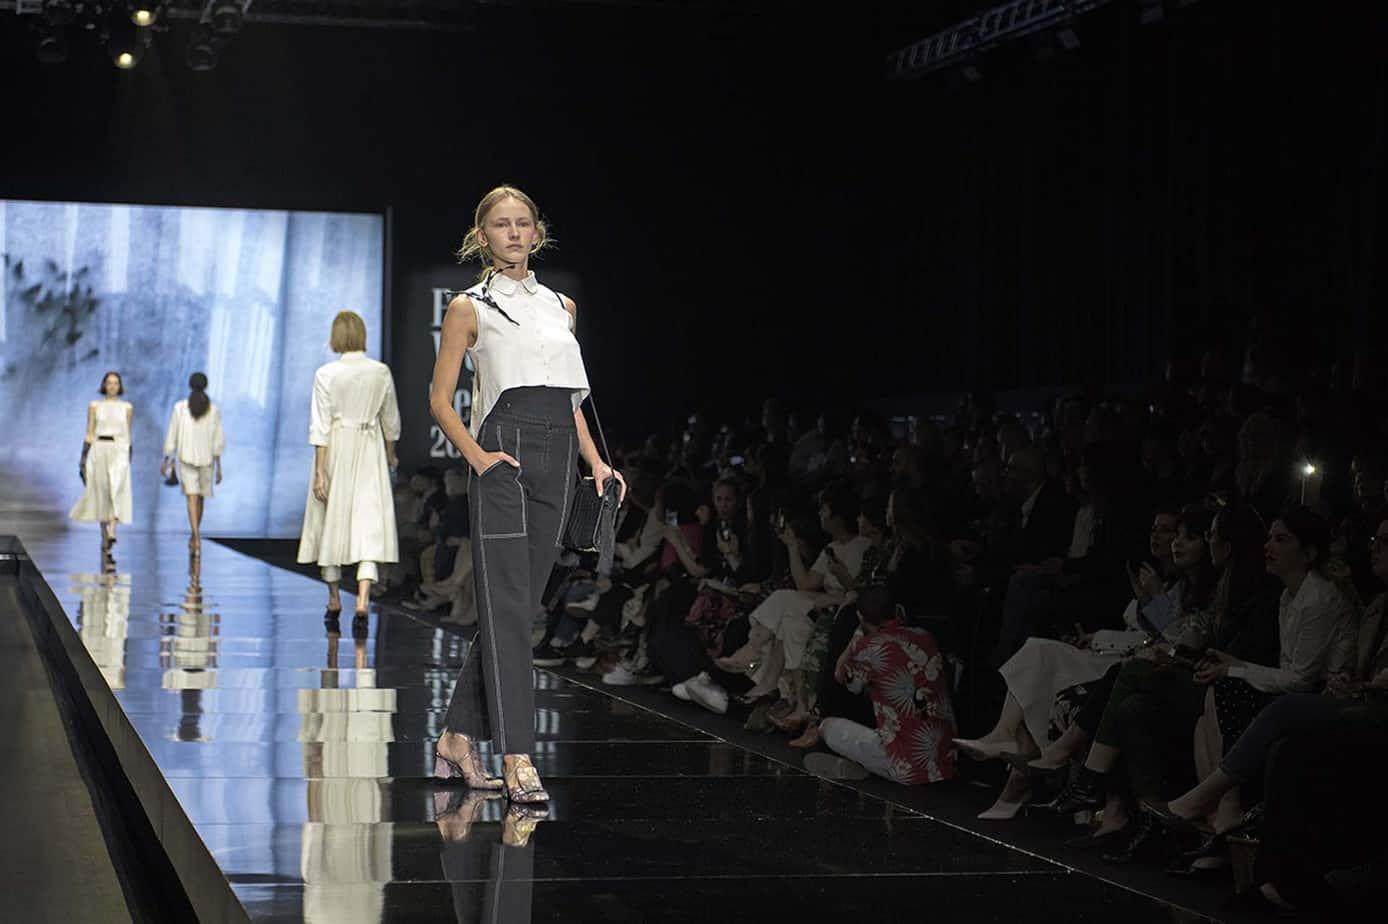 דורין פרנקפורט. שבוע האופנה תל אביב 2019. צילום סרג'ו סטרודובצב - 8